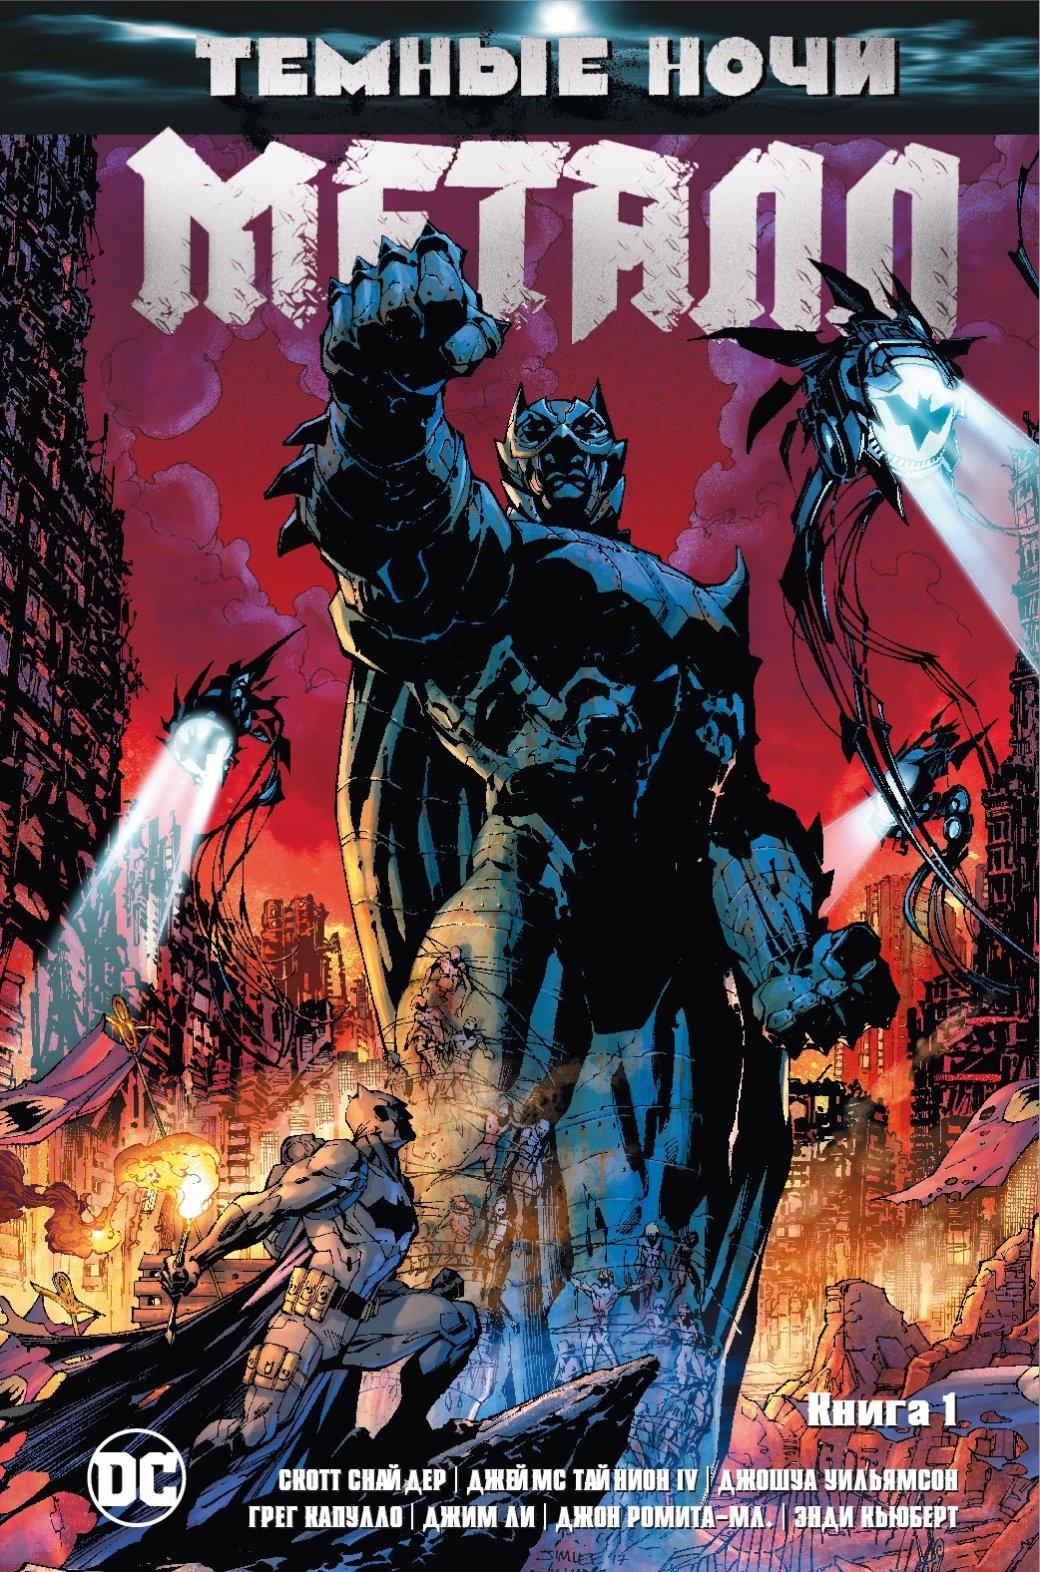 Бэтмен иLumen: как российская группа написала музыку для комикса озлых Темных рыцарях | Канобу - Изображение 1